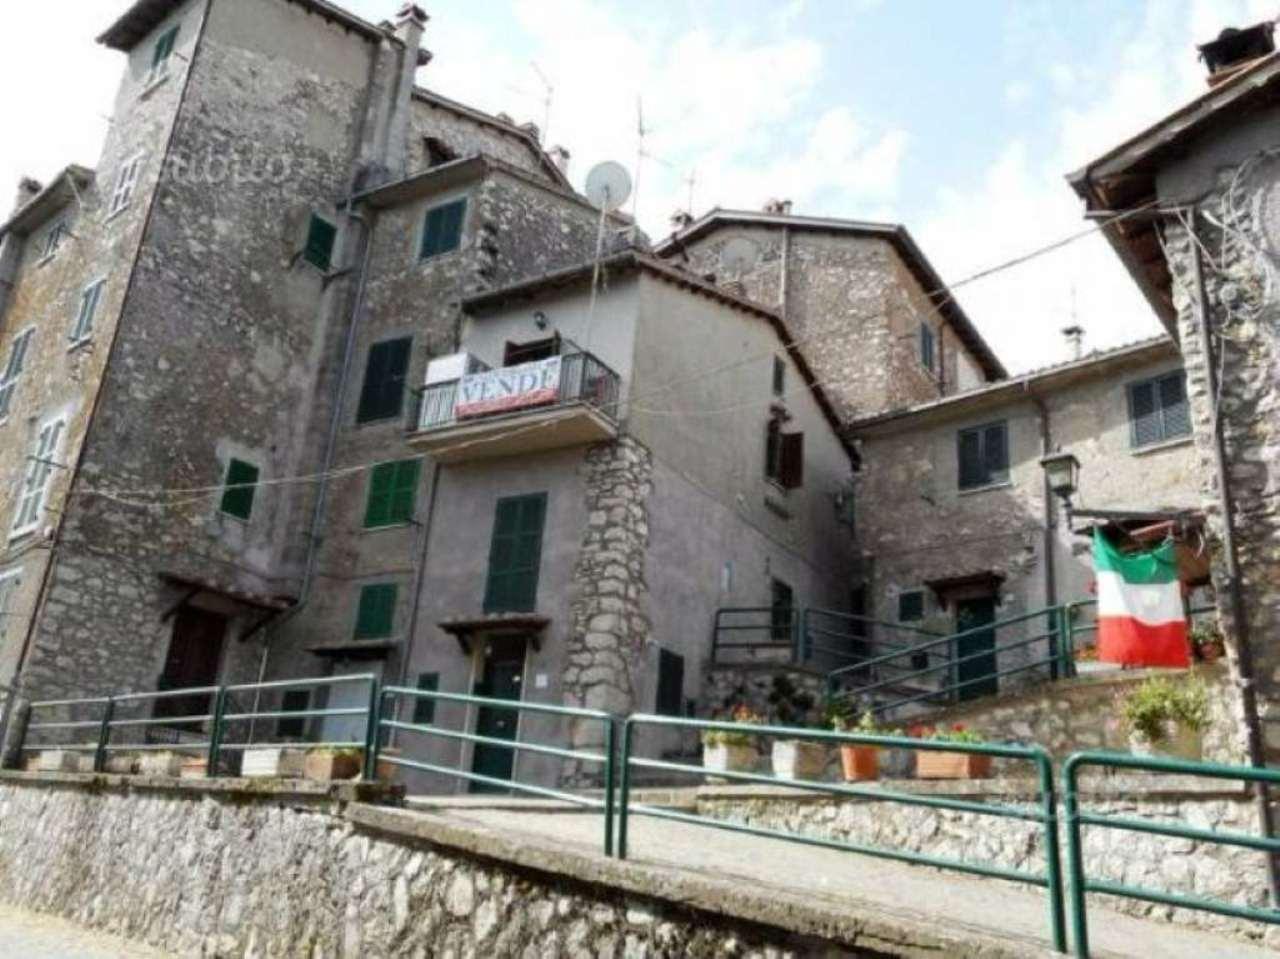 Soluzione Indipendente in vendita a Capranica Prenestina, 2 locali, prezzo € 45.000   Cambio Casa.it